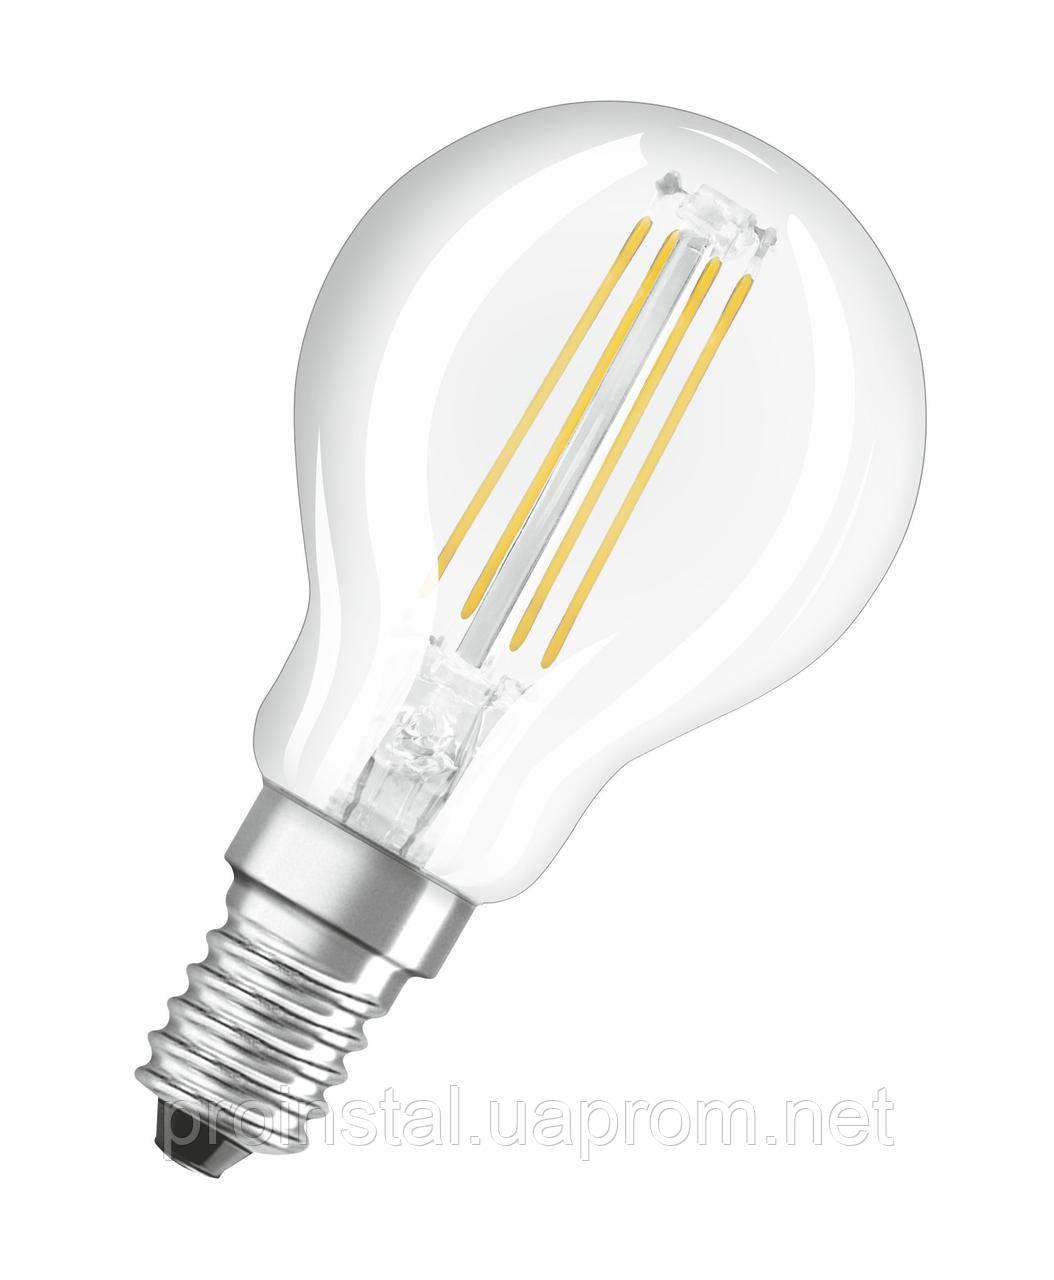 Лампа светодиодная OSRAM LED Value FILAMENT P40 4W (470Lm) 2700K E14